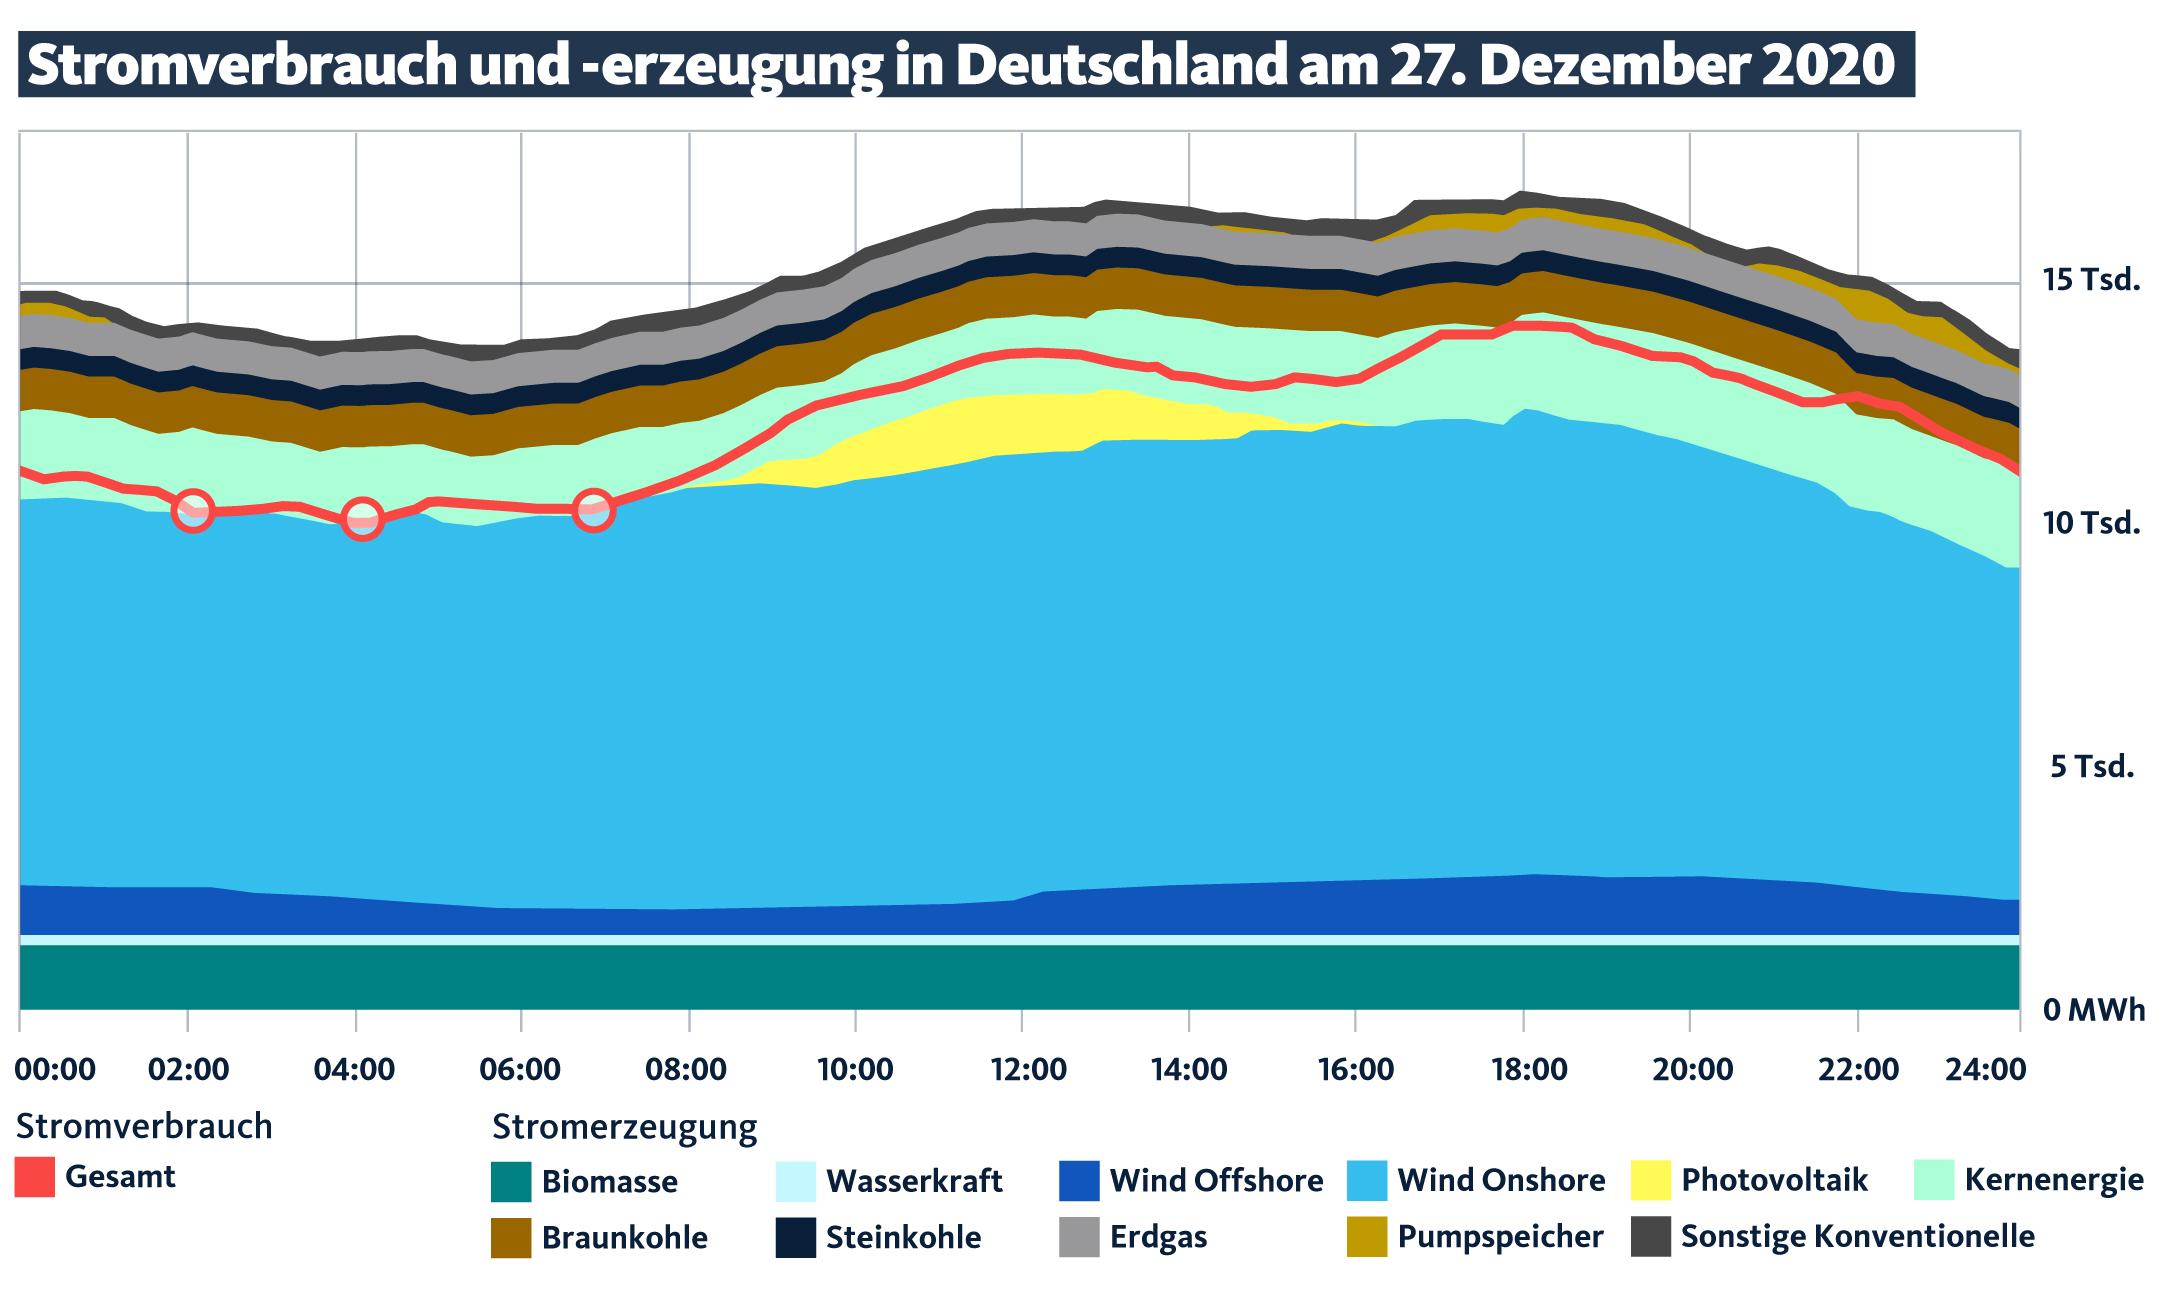 -erzeugung in Deutschland am 27.Dezember 2020